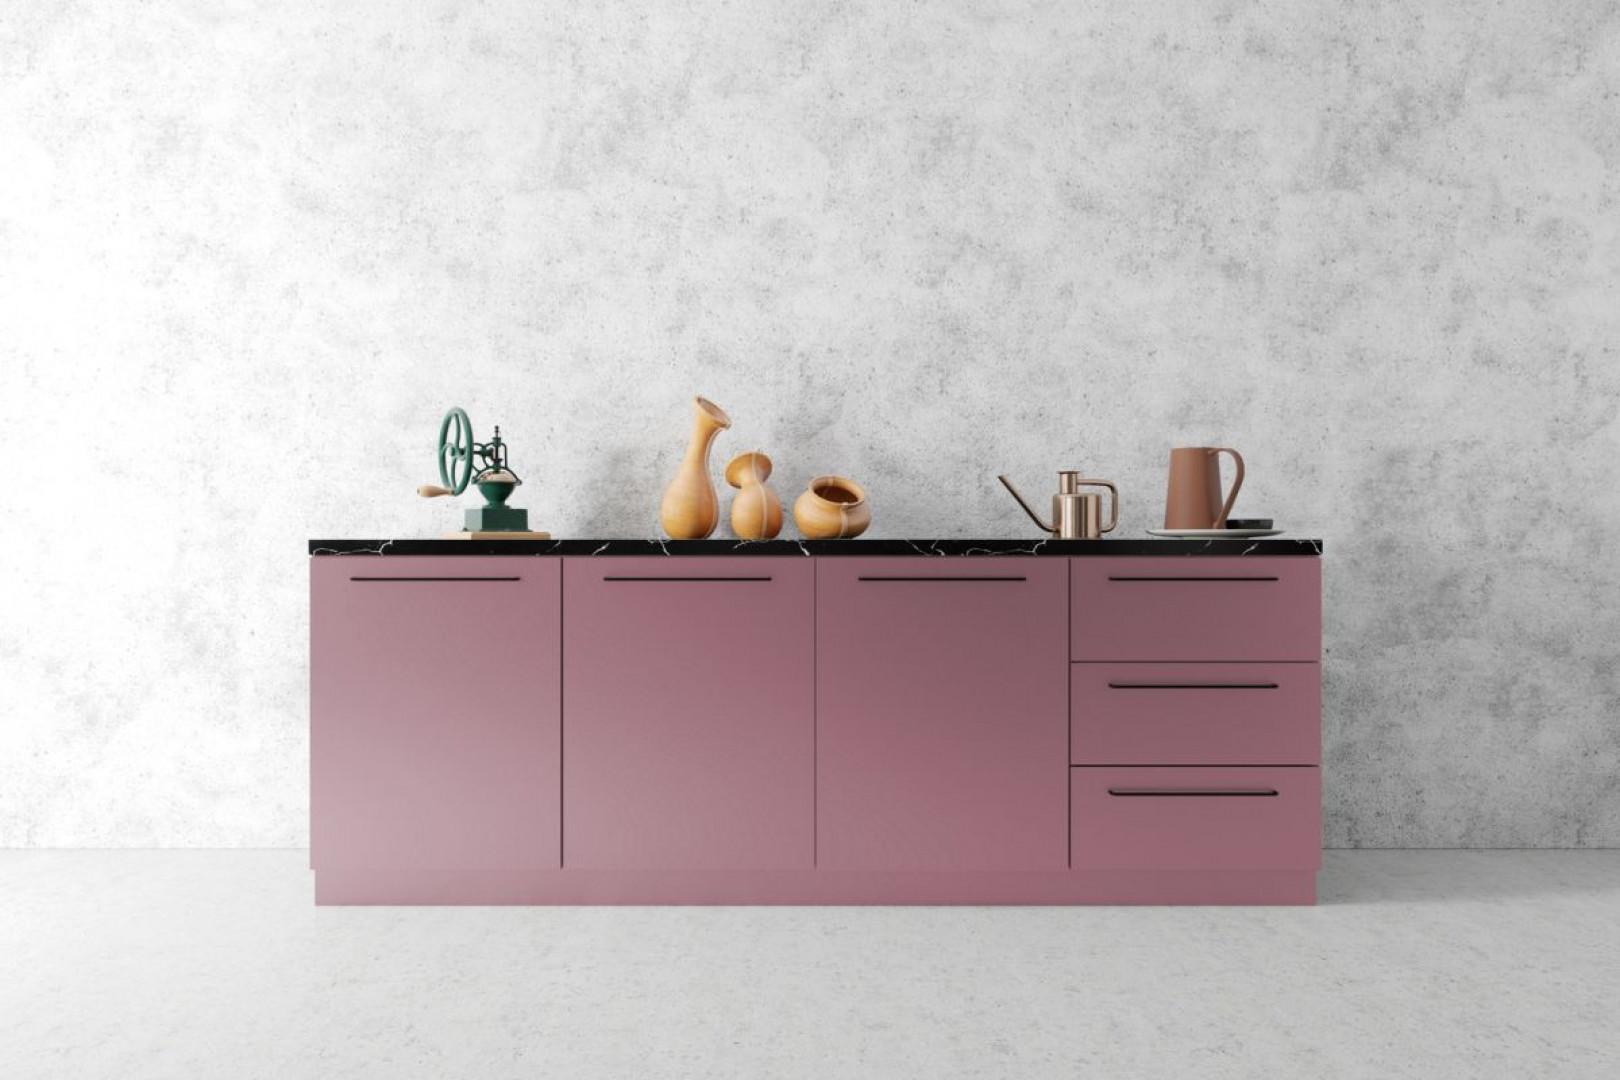 projekt różowej kuchni